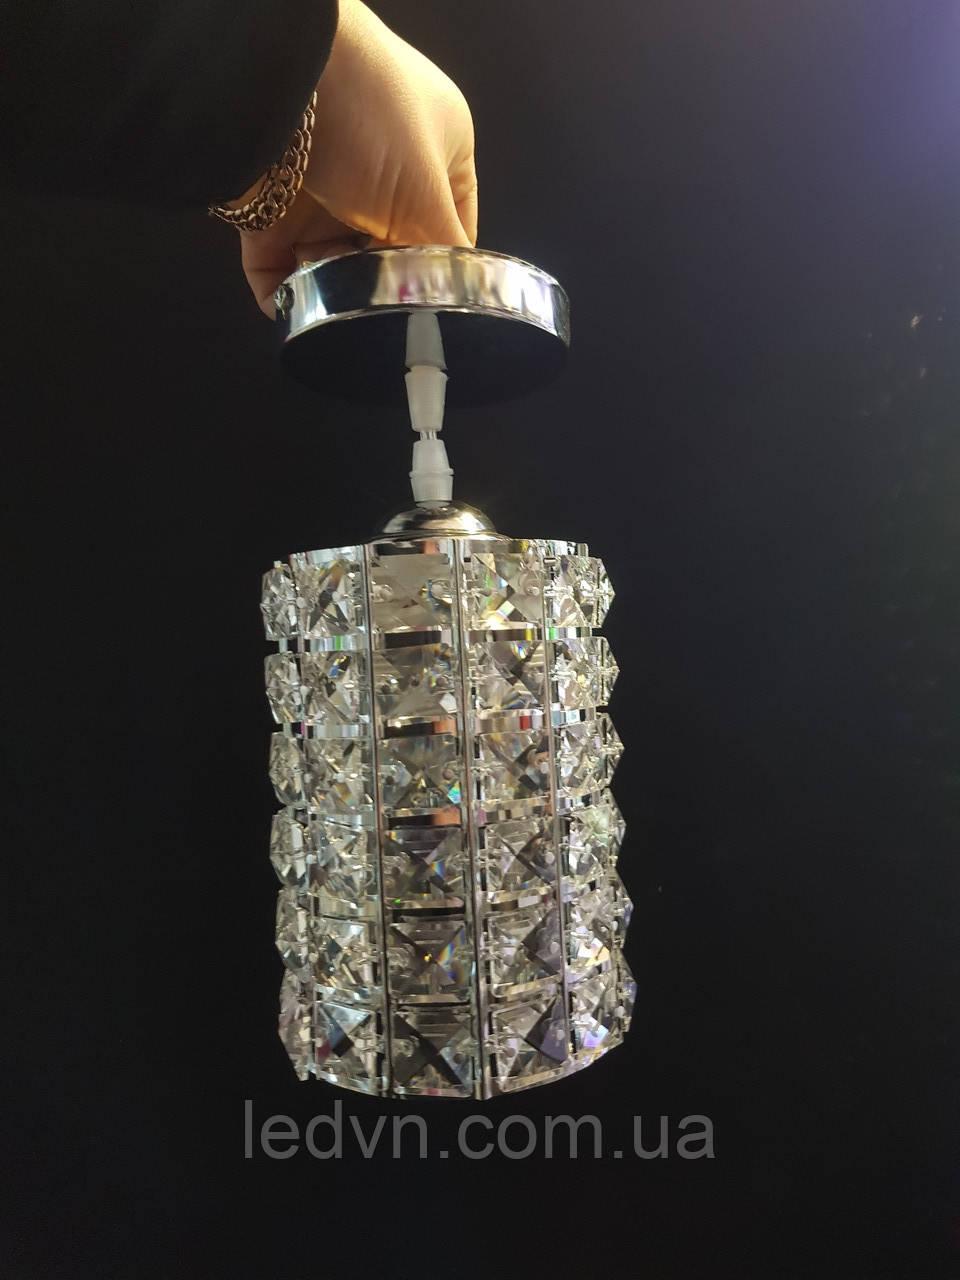 Стильний кришталевий підвіс на одну лампу хром